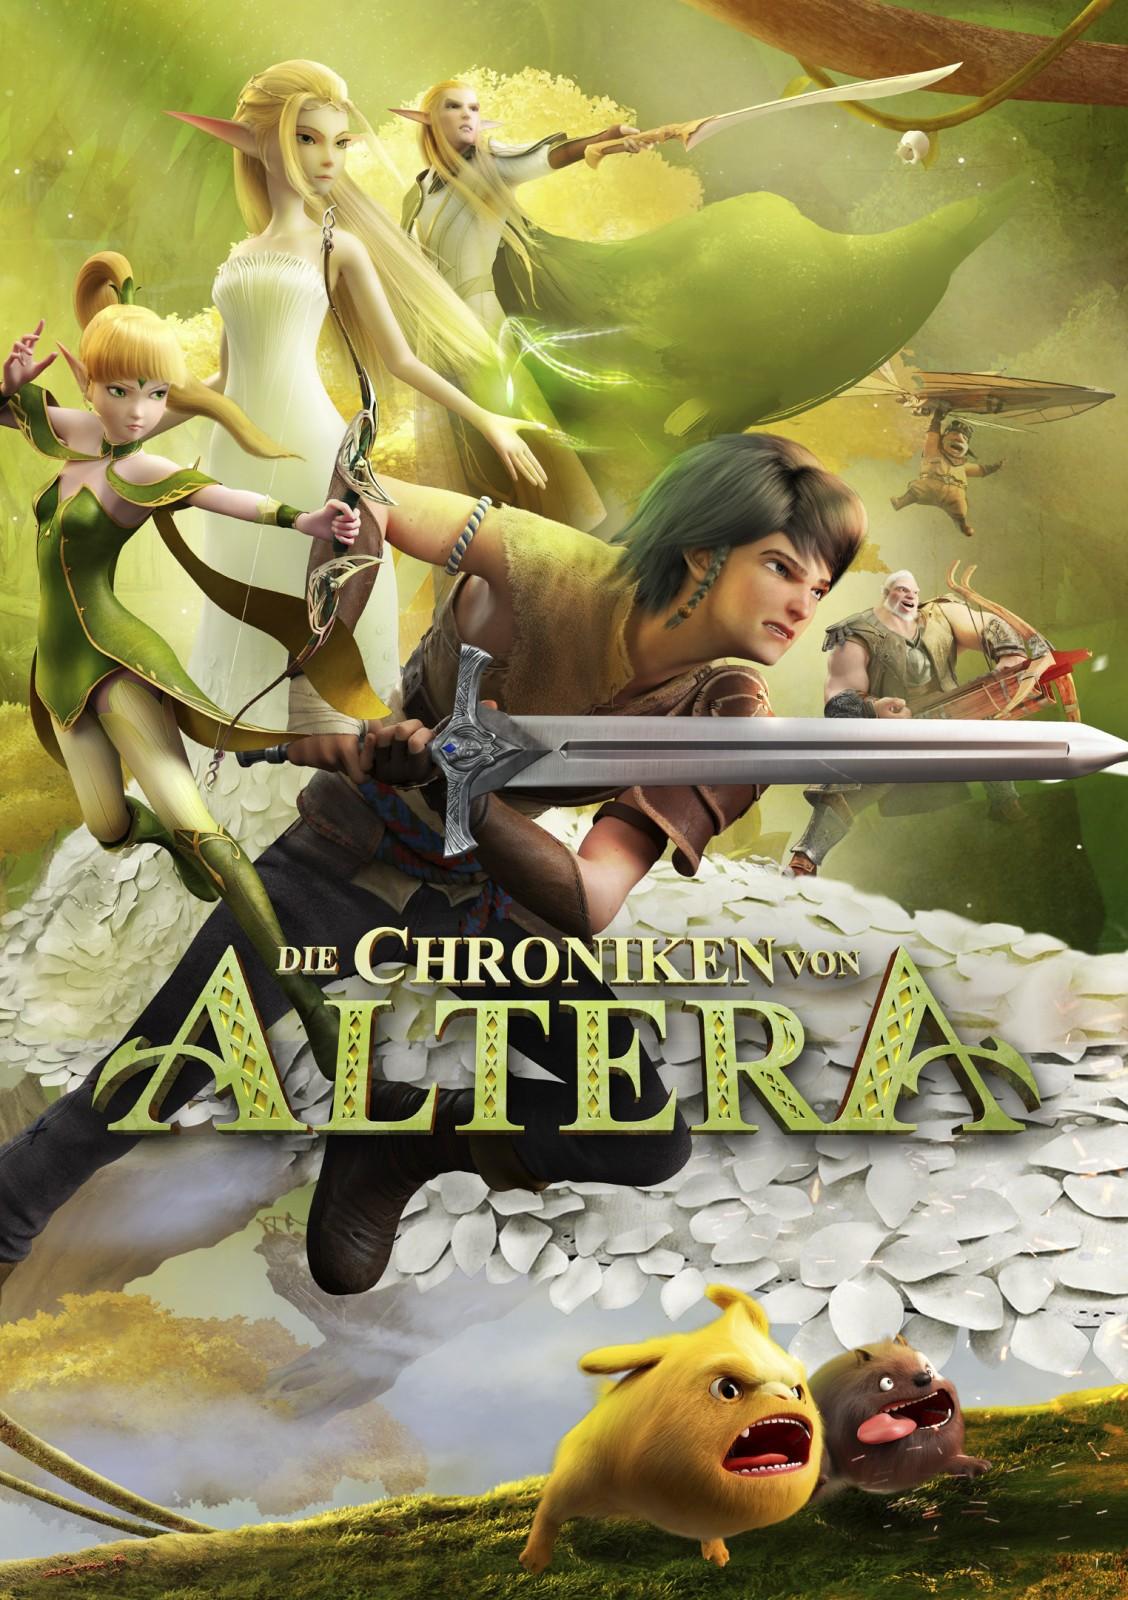 Chroniken Von Altera